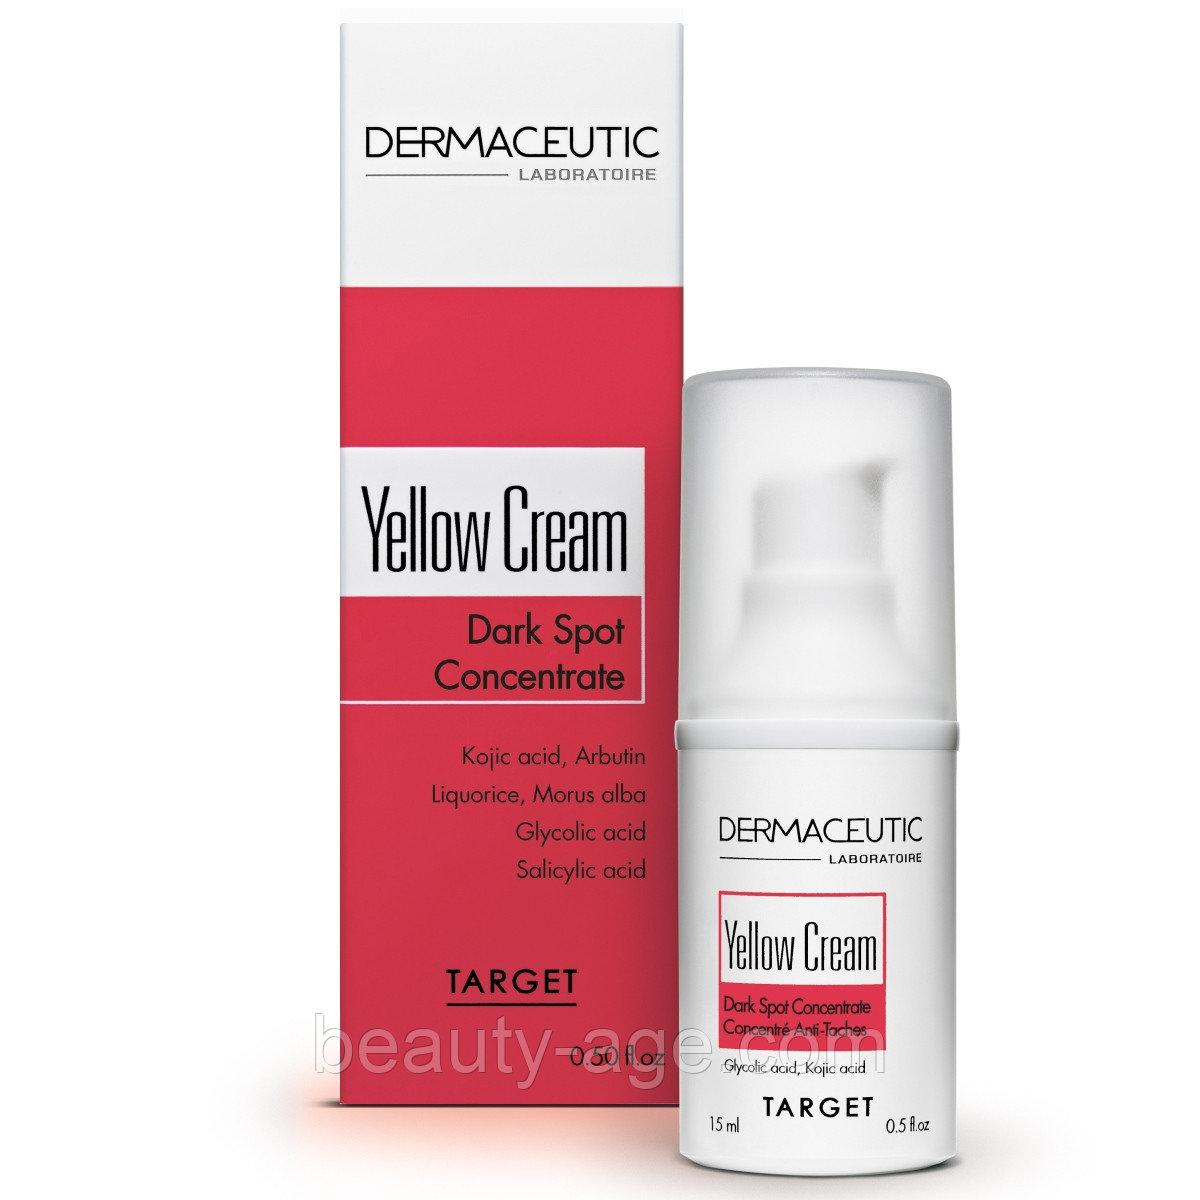 YELLOW CREAM - Ночной депигментирующий крем